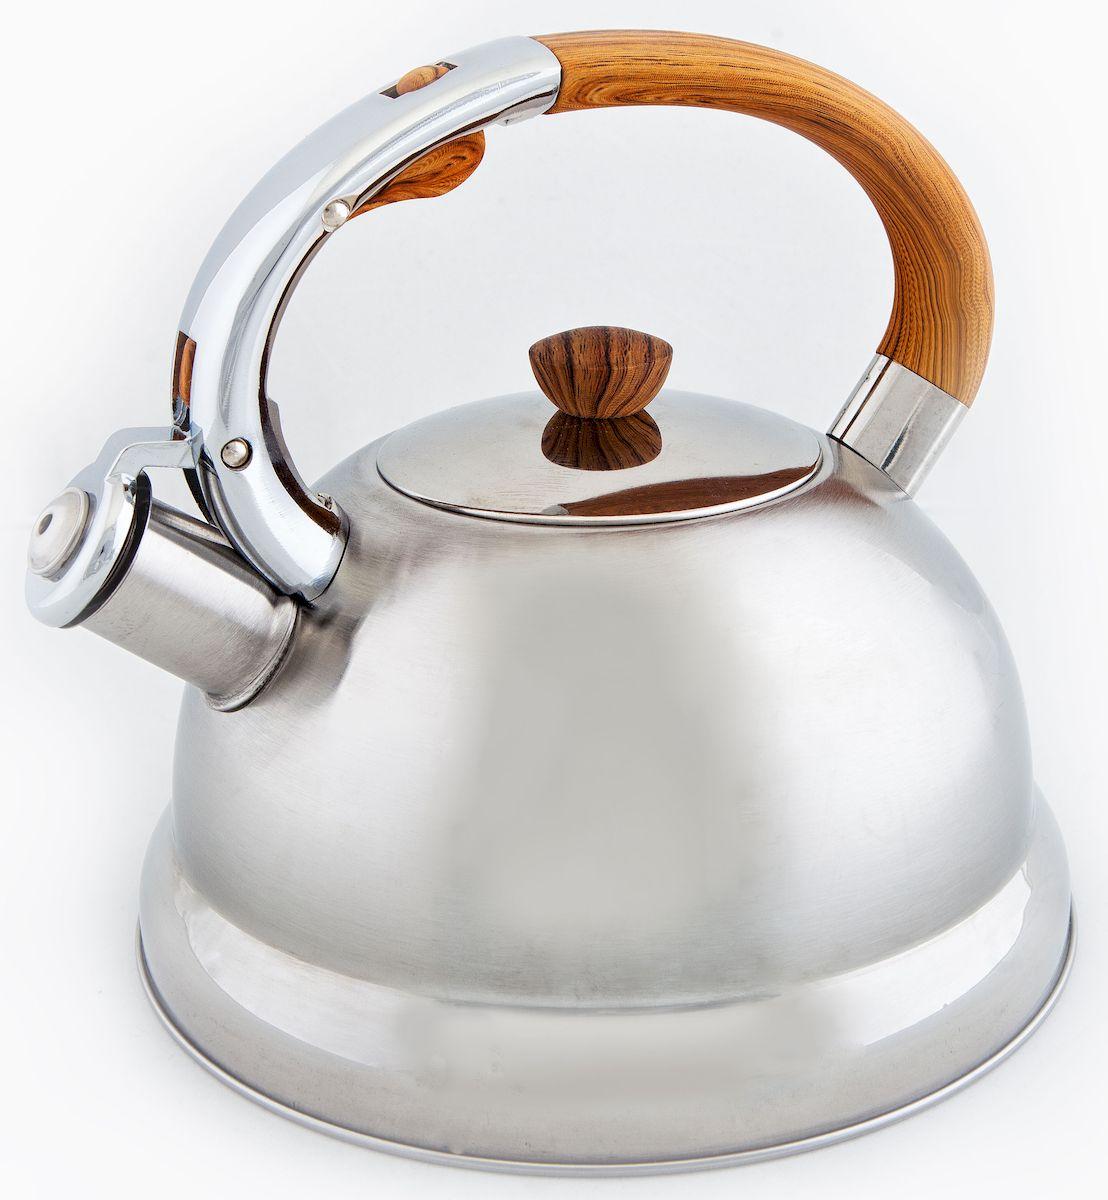 Чайник Hoffmann со свистком, 3 л. НМ 5516НМ 5516Чайник Hoffmann выполнен из высококачественной нержавеющей стали, что делает его весьма гигиеничным и устойчивым к износу при длительном использовании. Носик чайника оснащен насадкой-свистком, что позволит вам контролировать процесс подогрева или кипячения воды. Фиксированная ручка, изготовленная из бакелита, оснащена механизмом открывания носика. Эстетичный и функциональный чайник будет оригинально смотреться в любом интерьере.